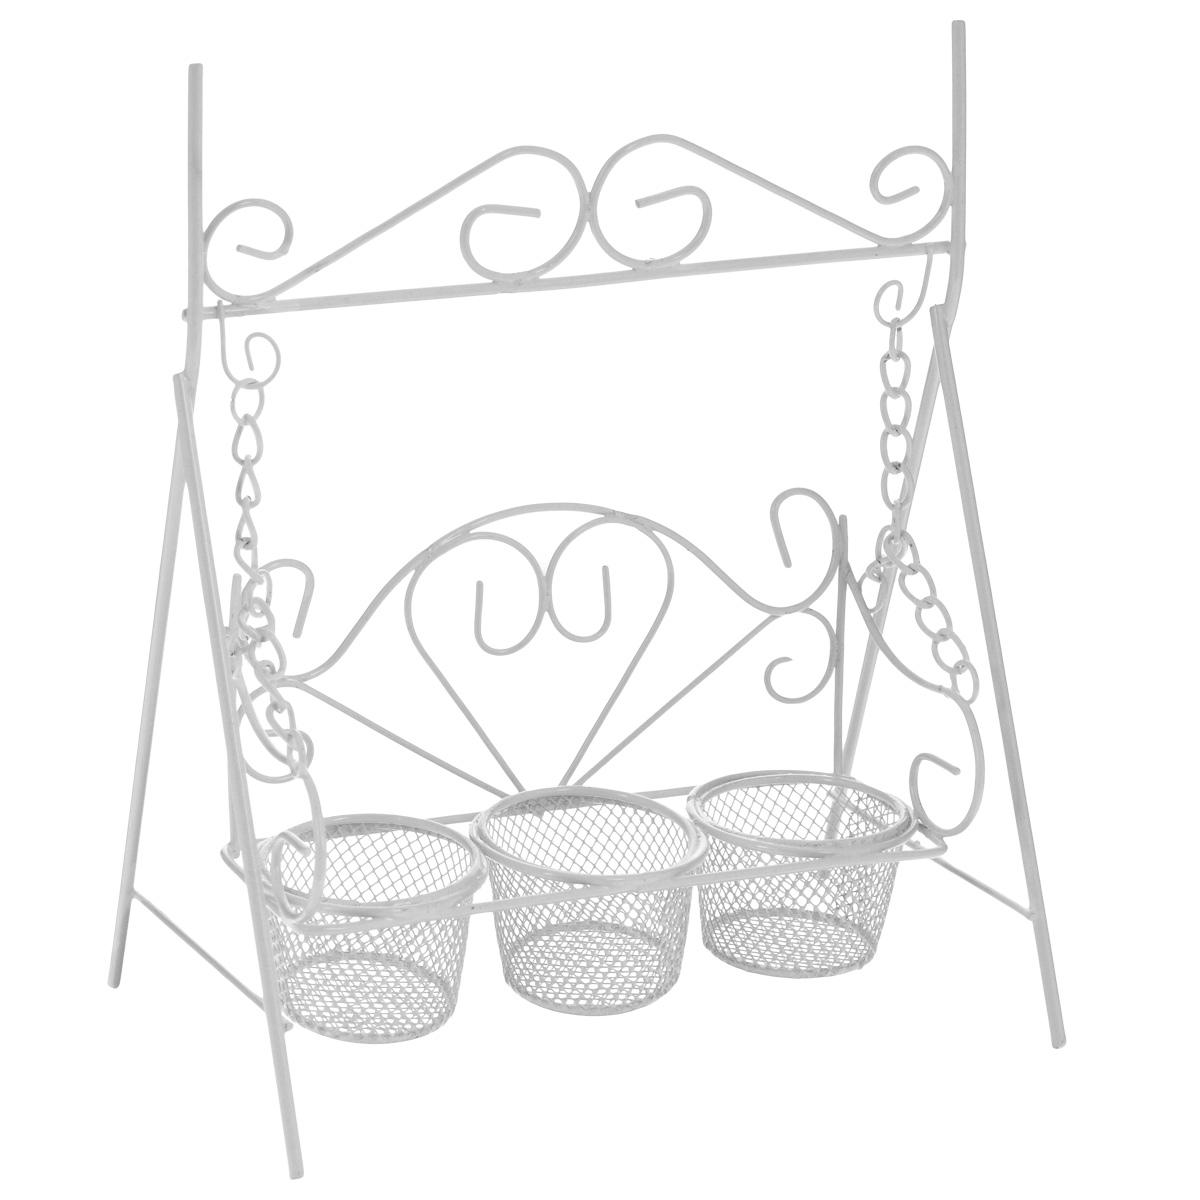 Подсвечник декоративный ScrapBerrys Качели, на 3 свечи, цвет: белый, 17,5 х 11 х 21 смSCB271044Подсвечник ScrapBerrys Качели выполнен из высококачественного металла и предназначен для трех чайных свечей. Подсвечник выполнен в виде небольших декоративных качелей. Изделие украшено изящными коваными узорами. Такой подсвечник подойдет для декора интерьера дома или офиса. Кроме того - это отличный вариант подарка для ваших близких и друзей.Размер подсвечника: 17,5 см х 11 см х 21 см.Диаметр отверстия для свечи: 4 см.